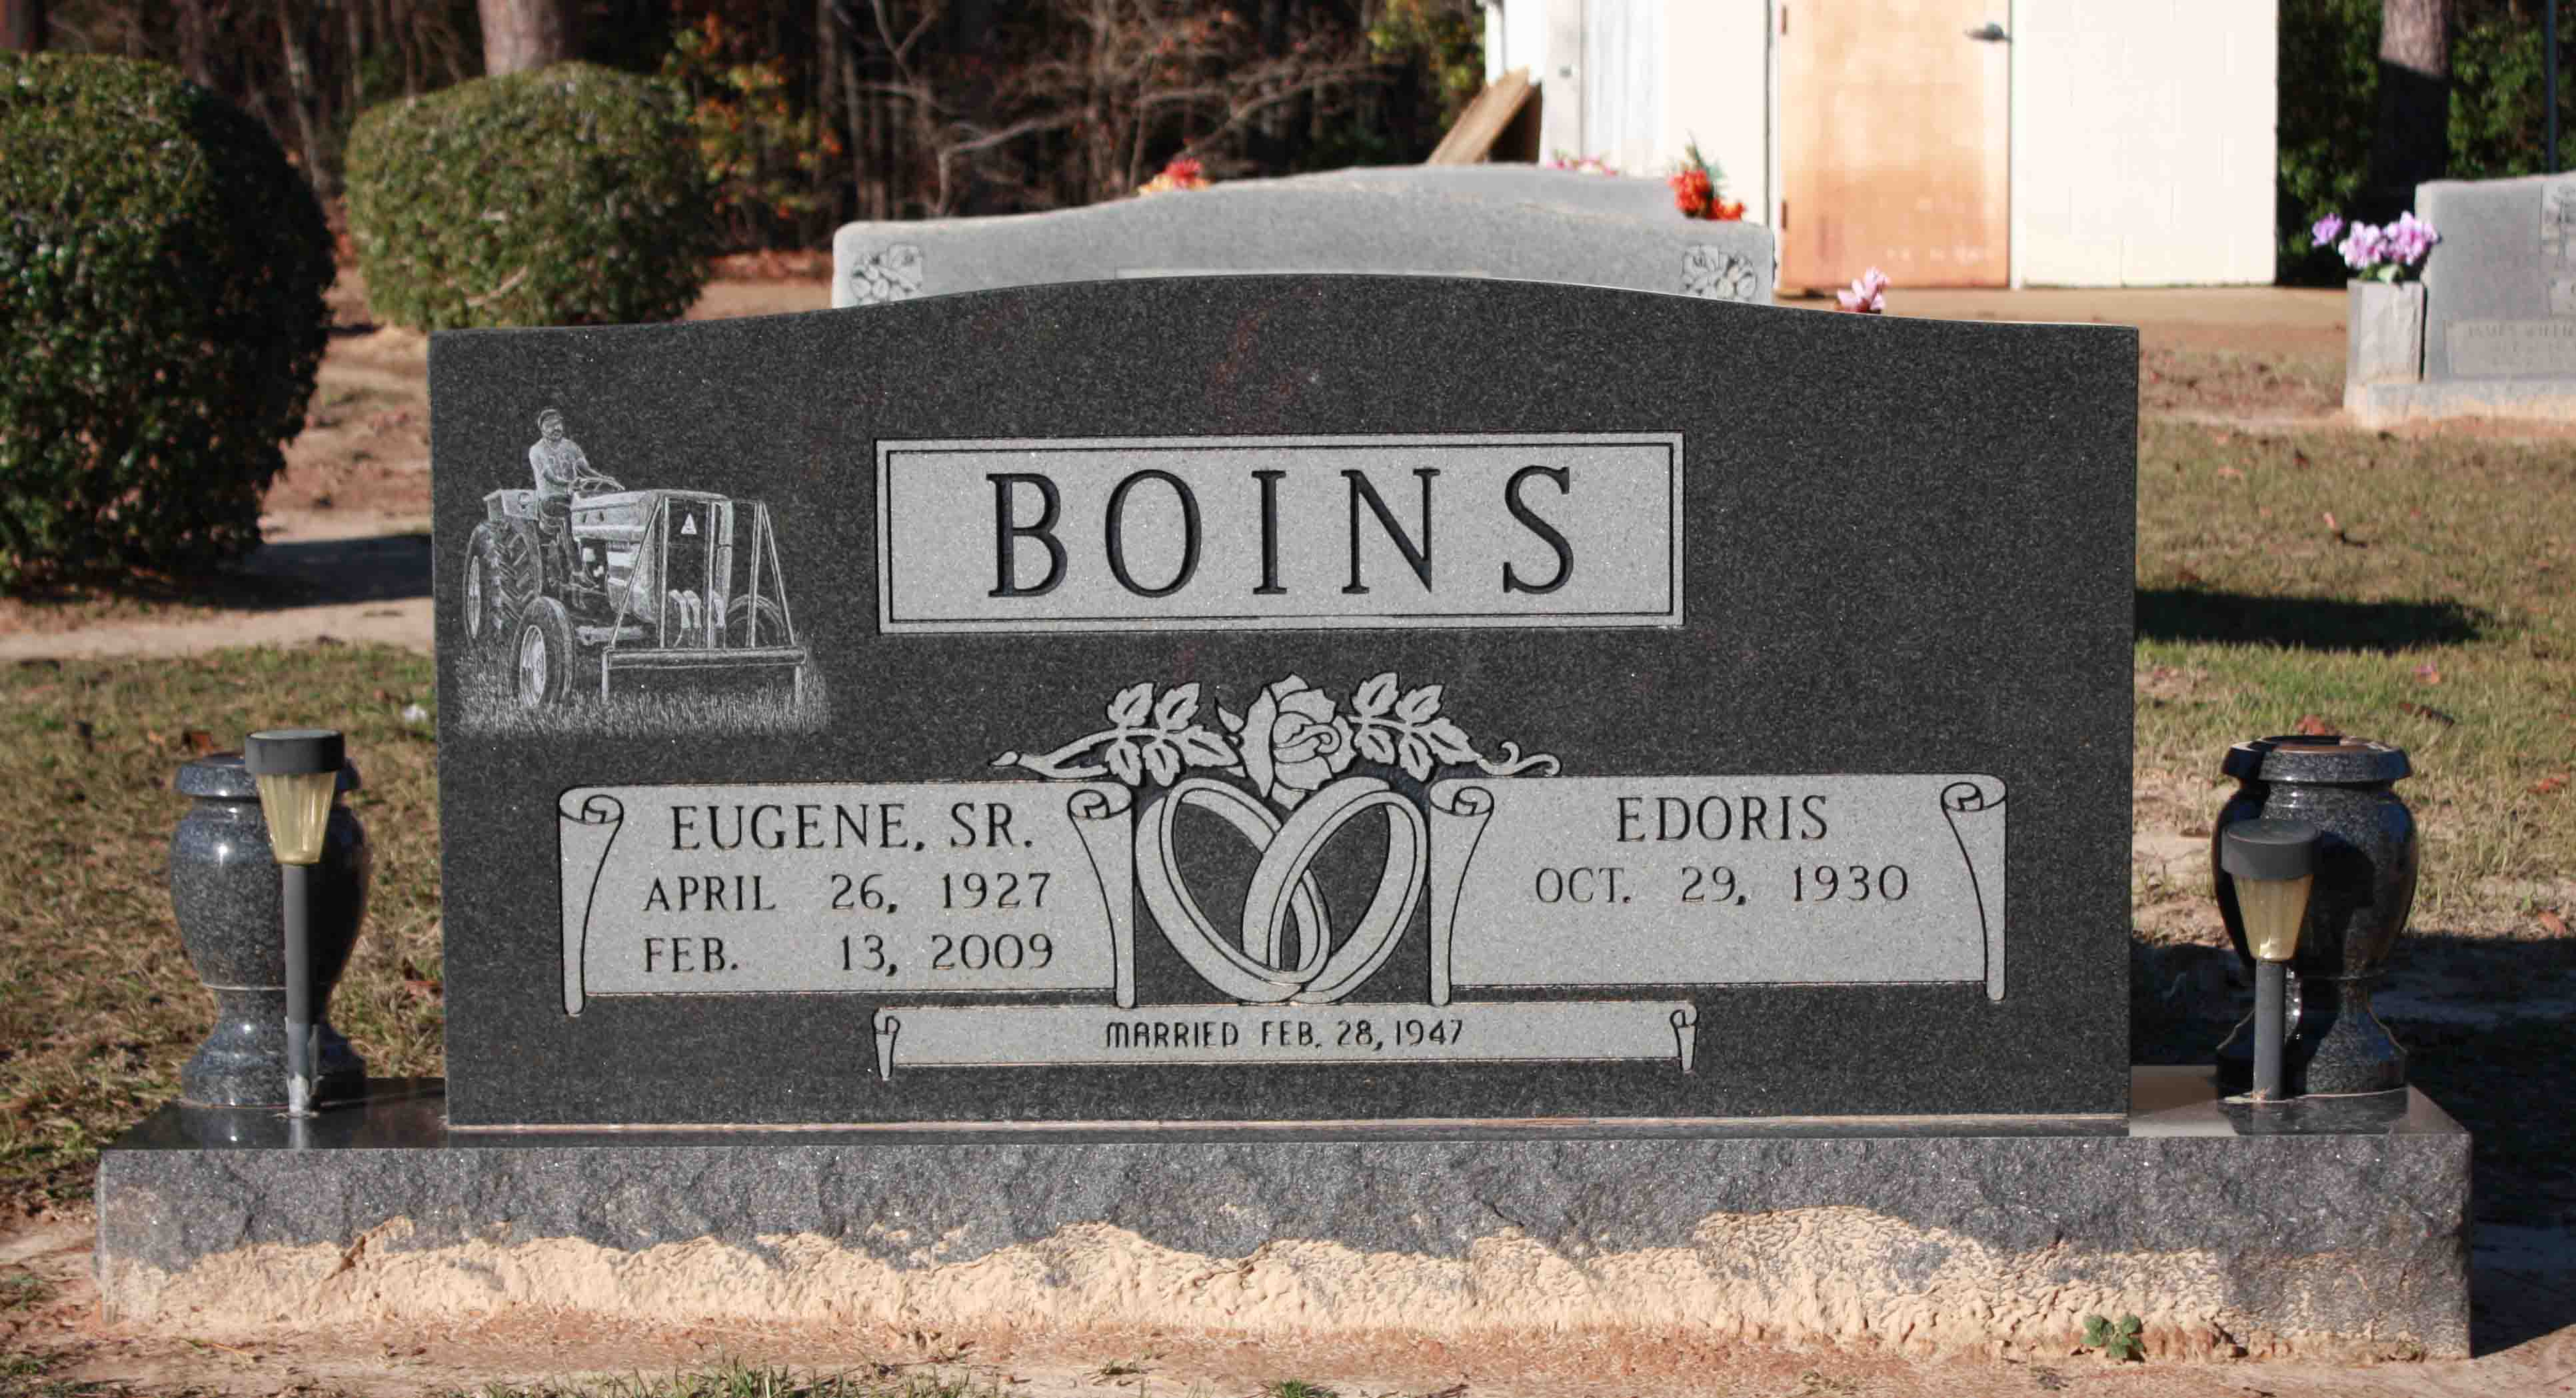 Eugene Boins, Sr